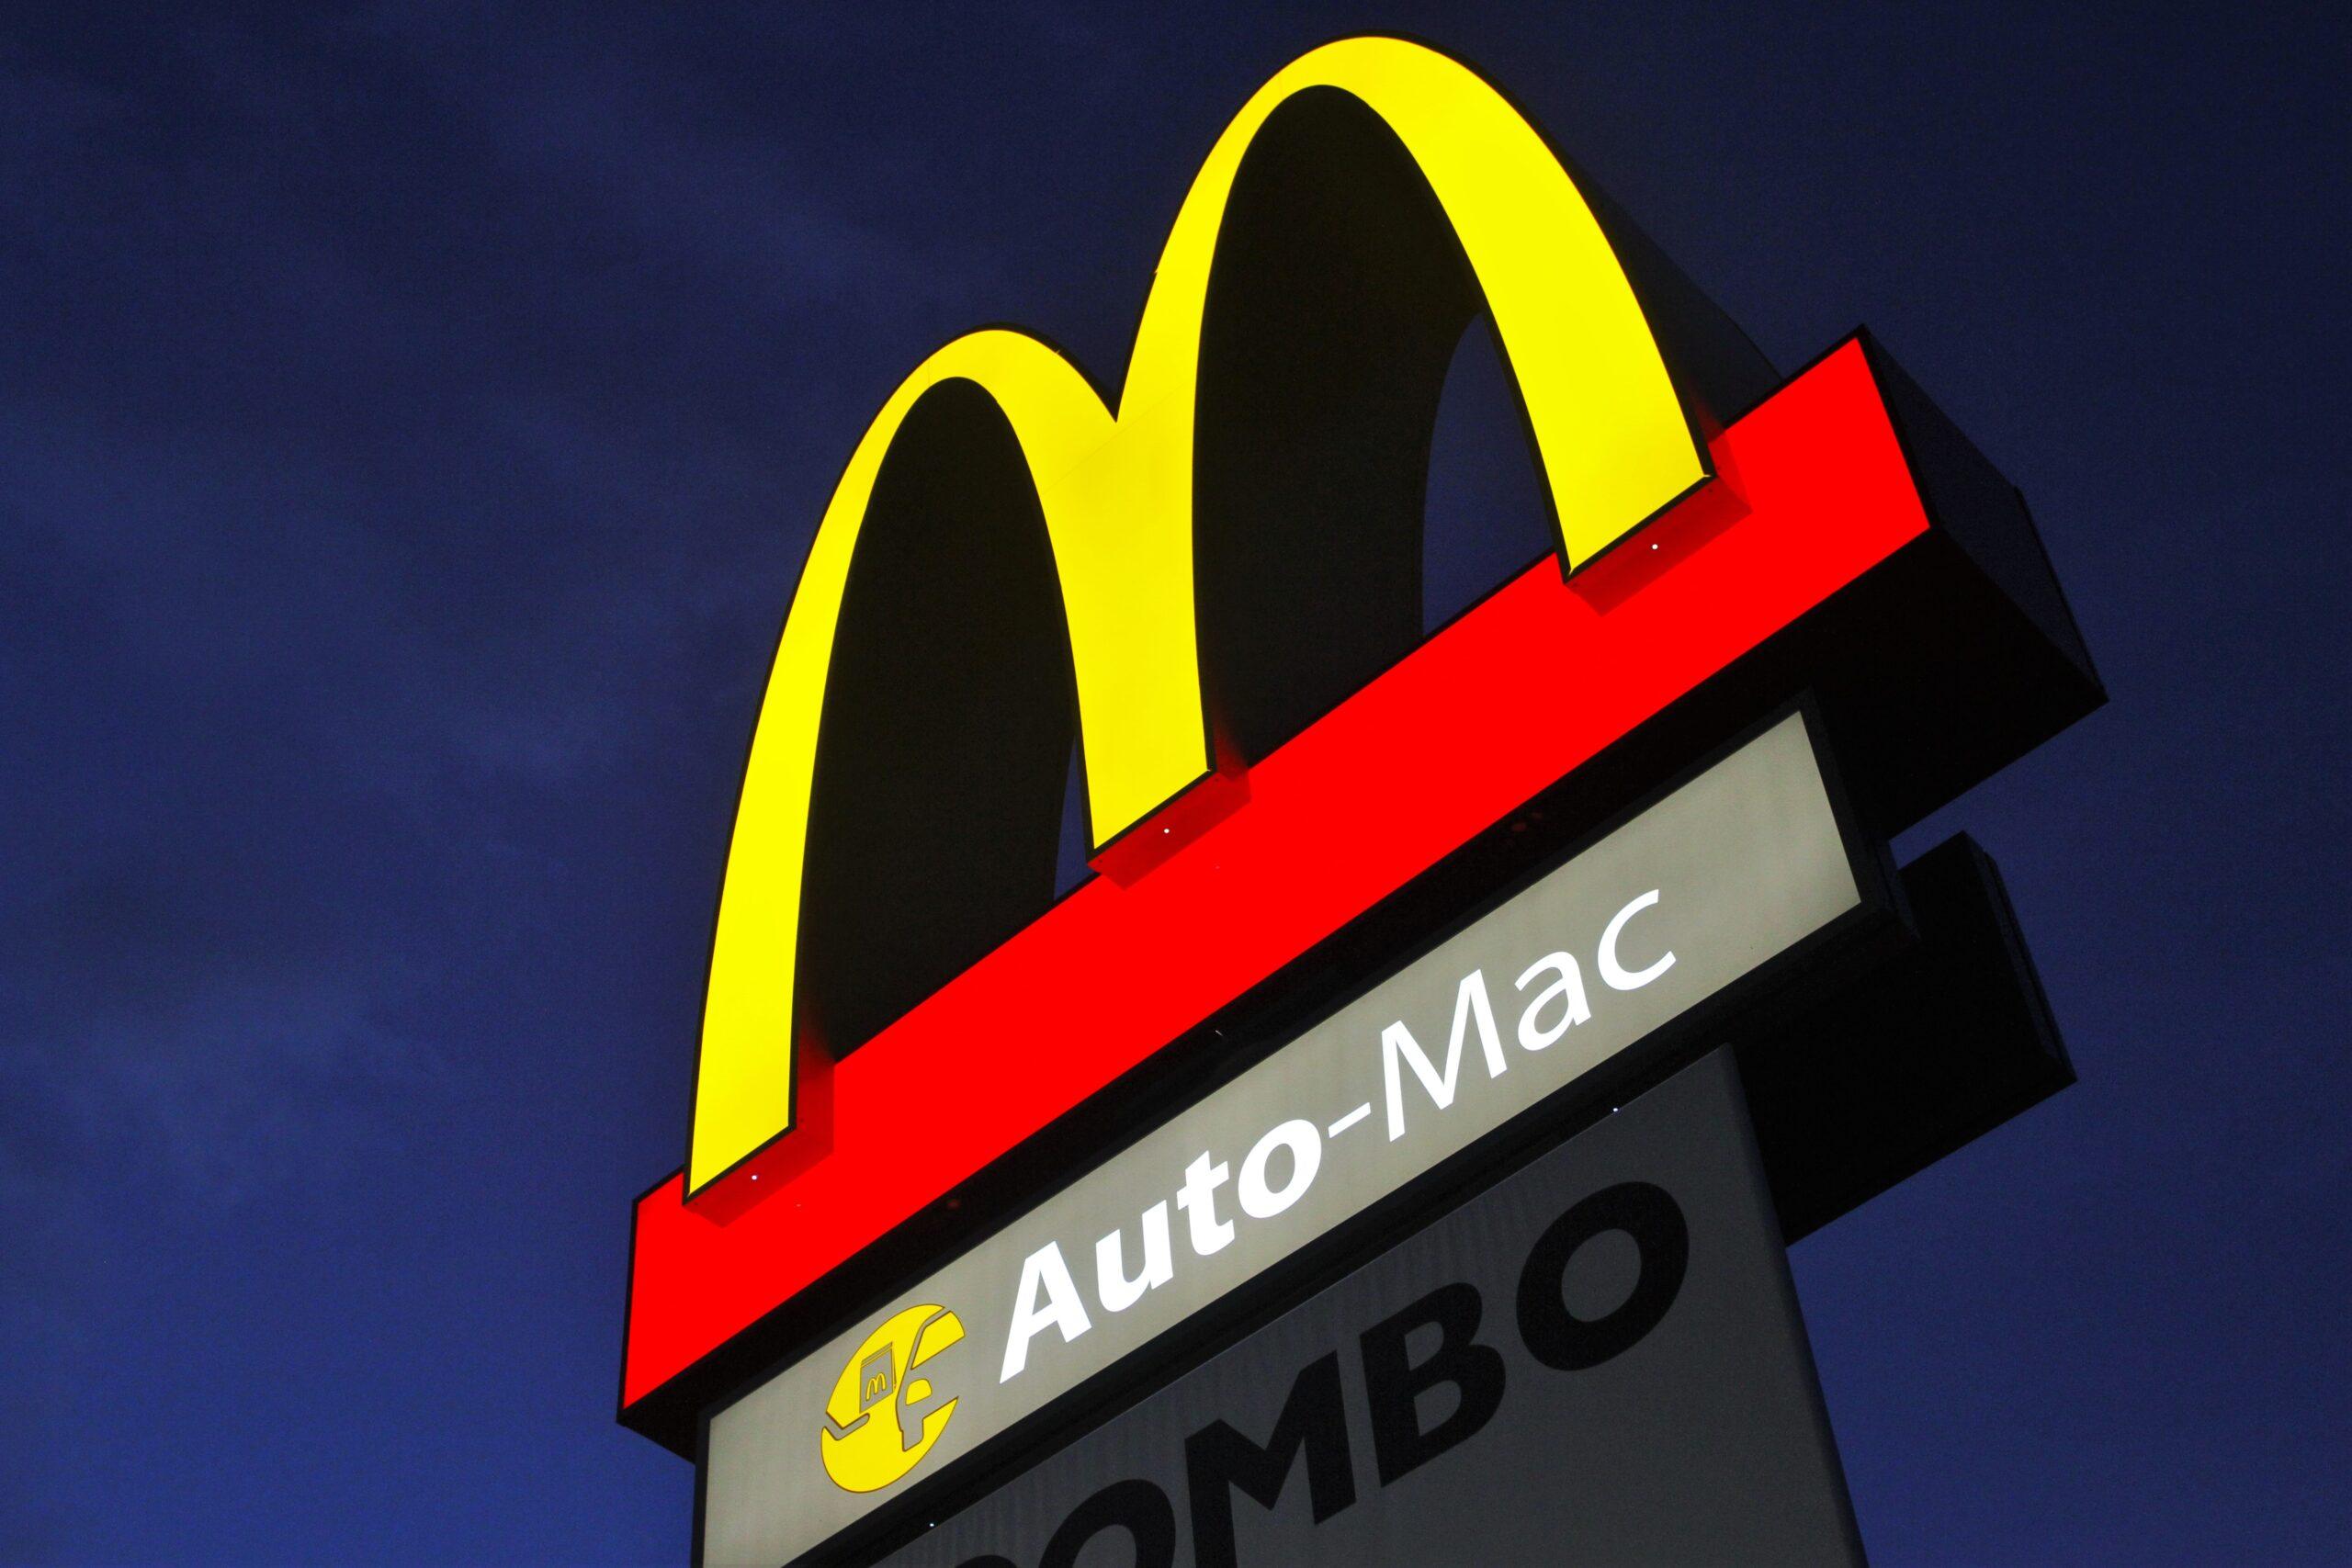 [Puerto Rico] McDonald's Puerto Rico lleva a cabo su Día Nacional del AutoMac